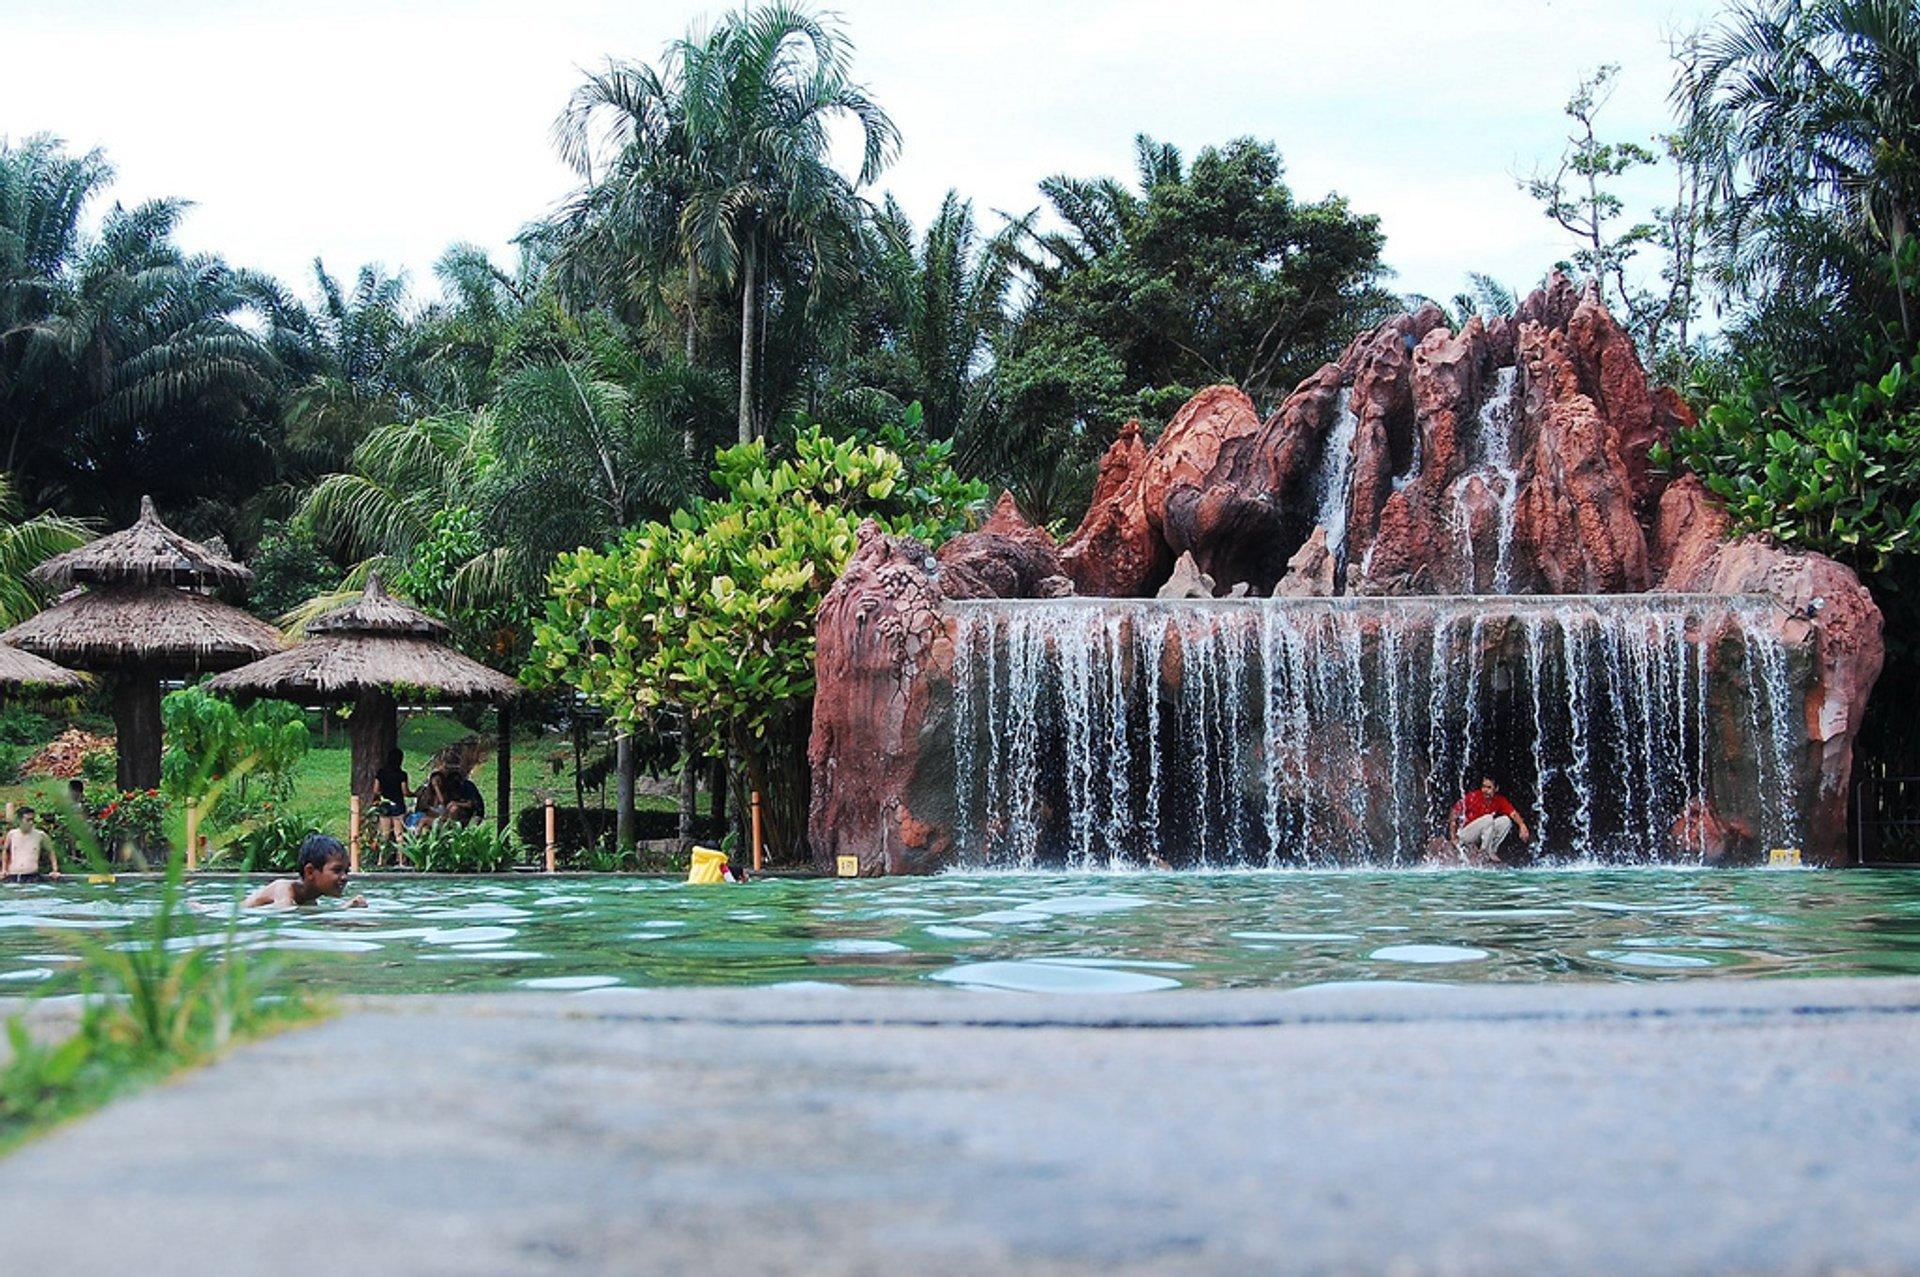 Felda Residence Hot Springs 2020